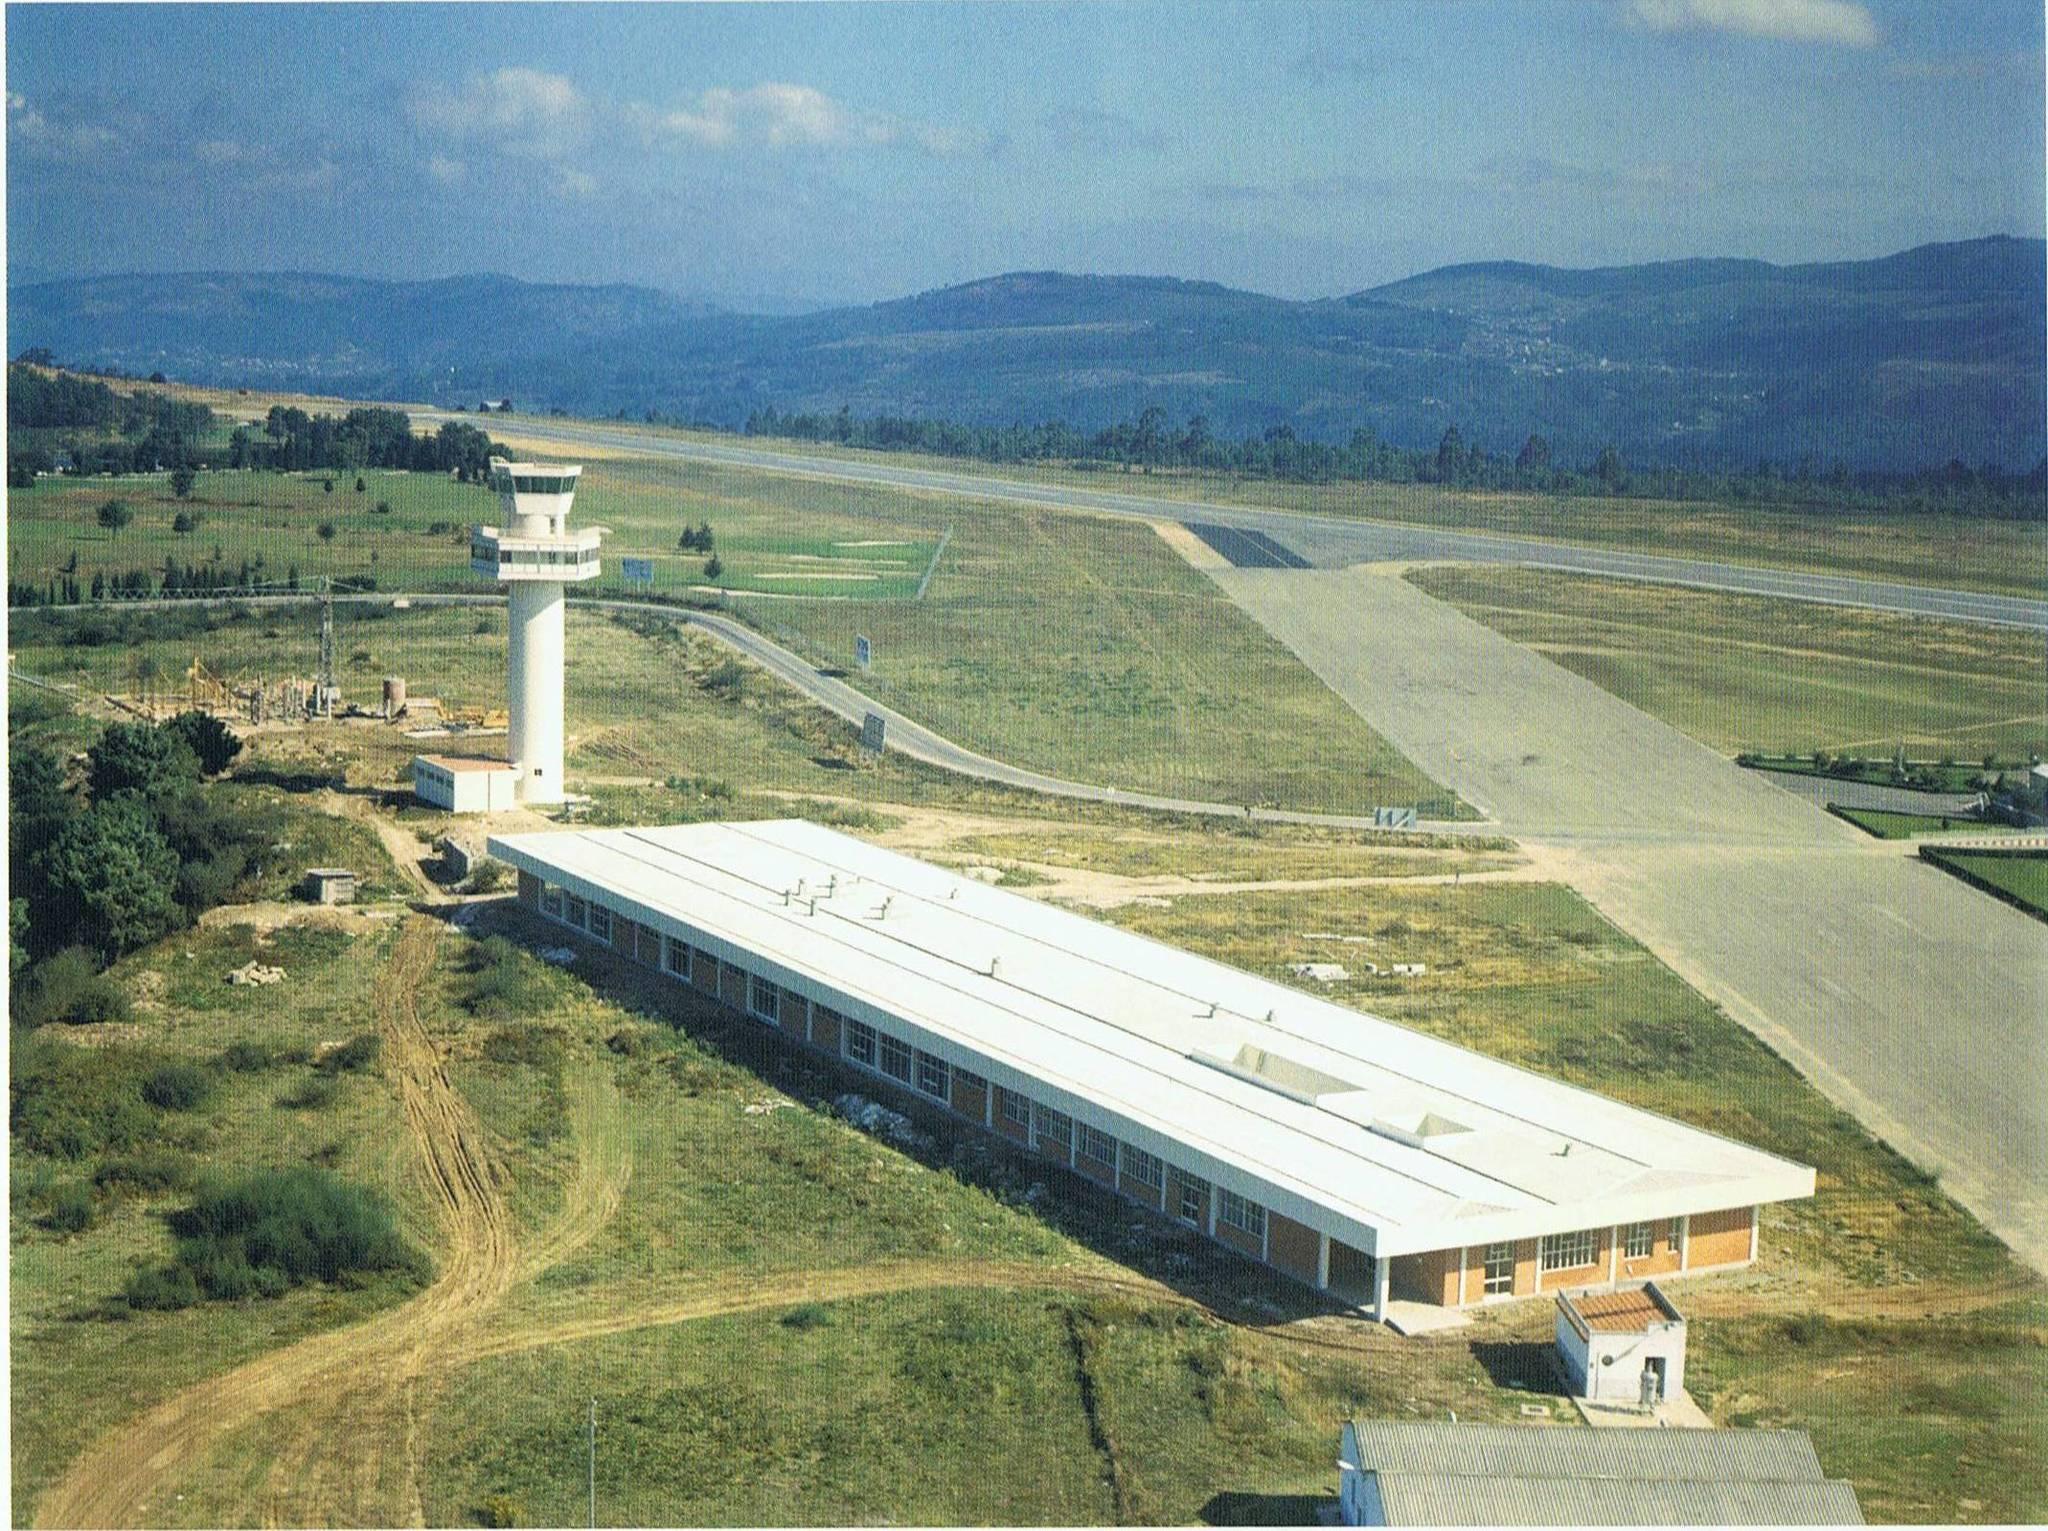 aerop. Construcción de la nueva terminal en los años 70